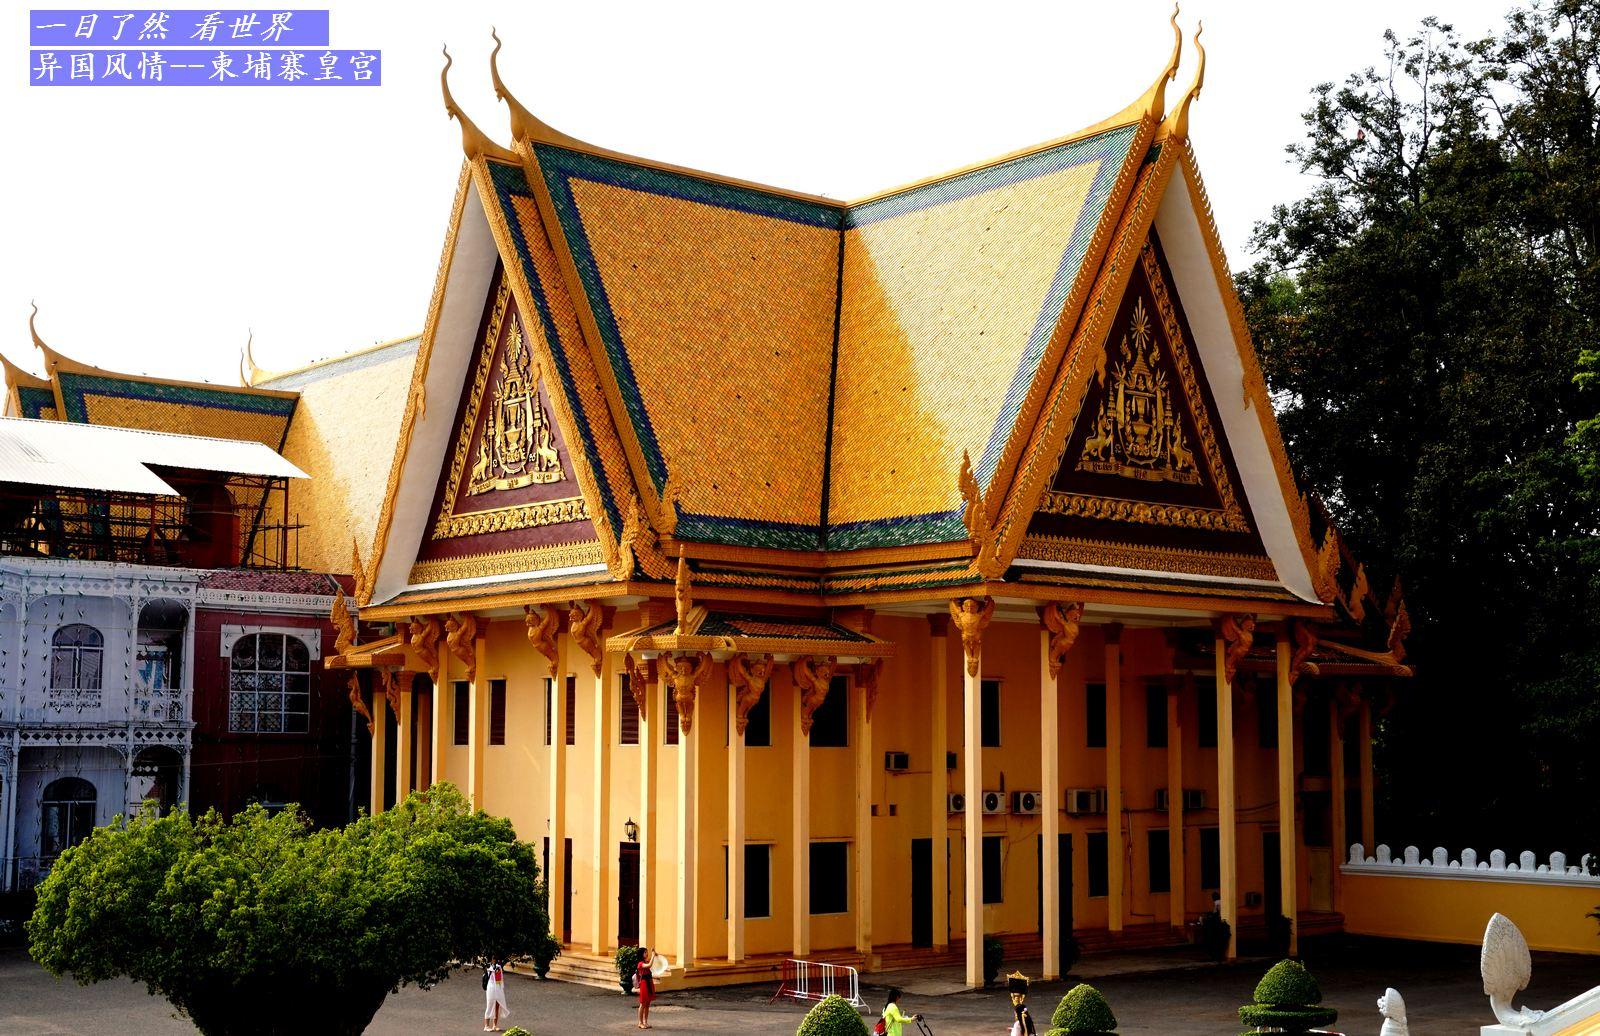 柬埔寨皇宫-40-1600.jpg